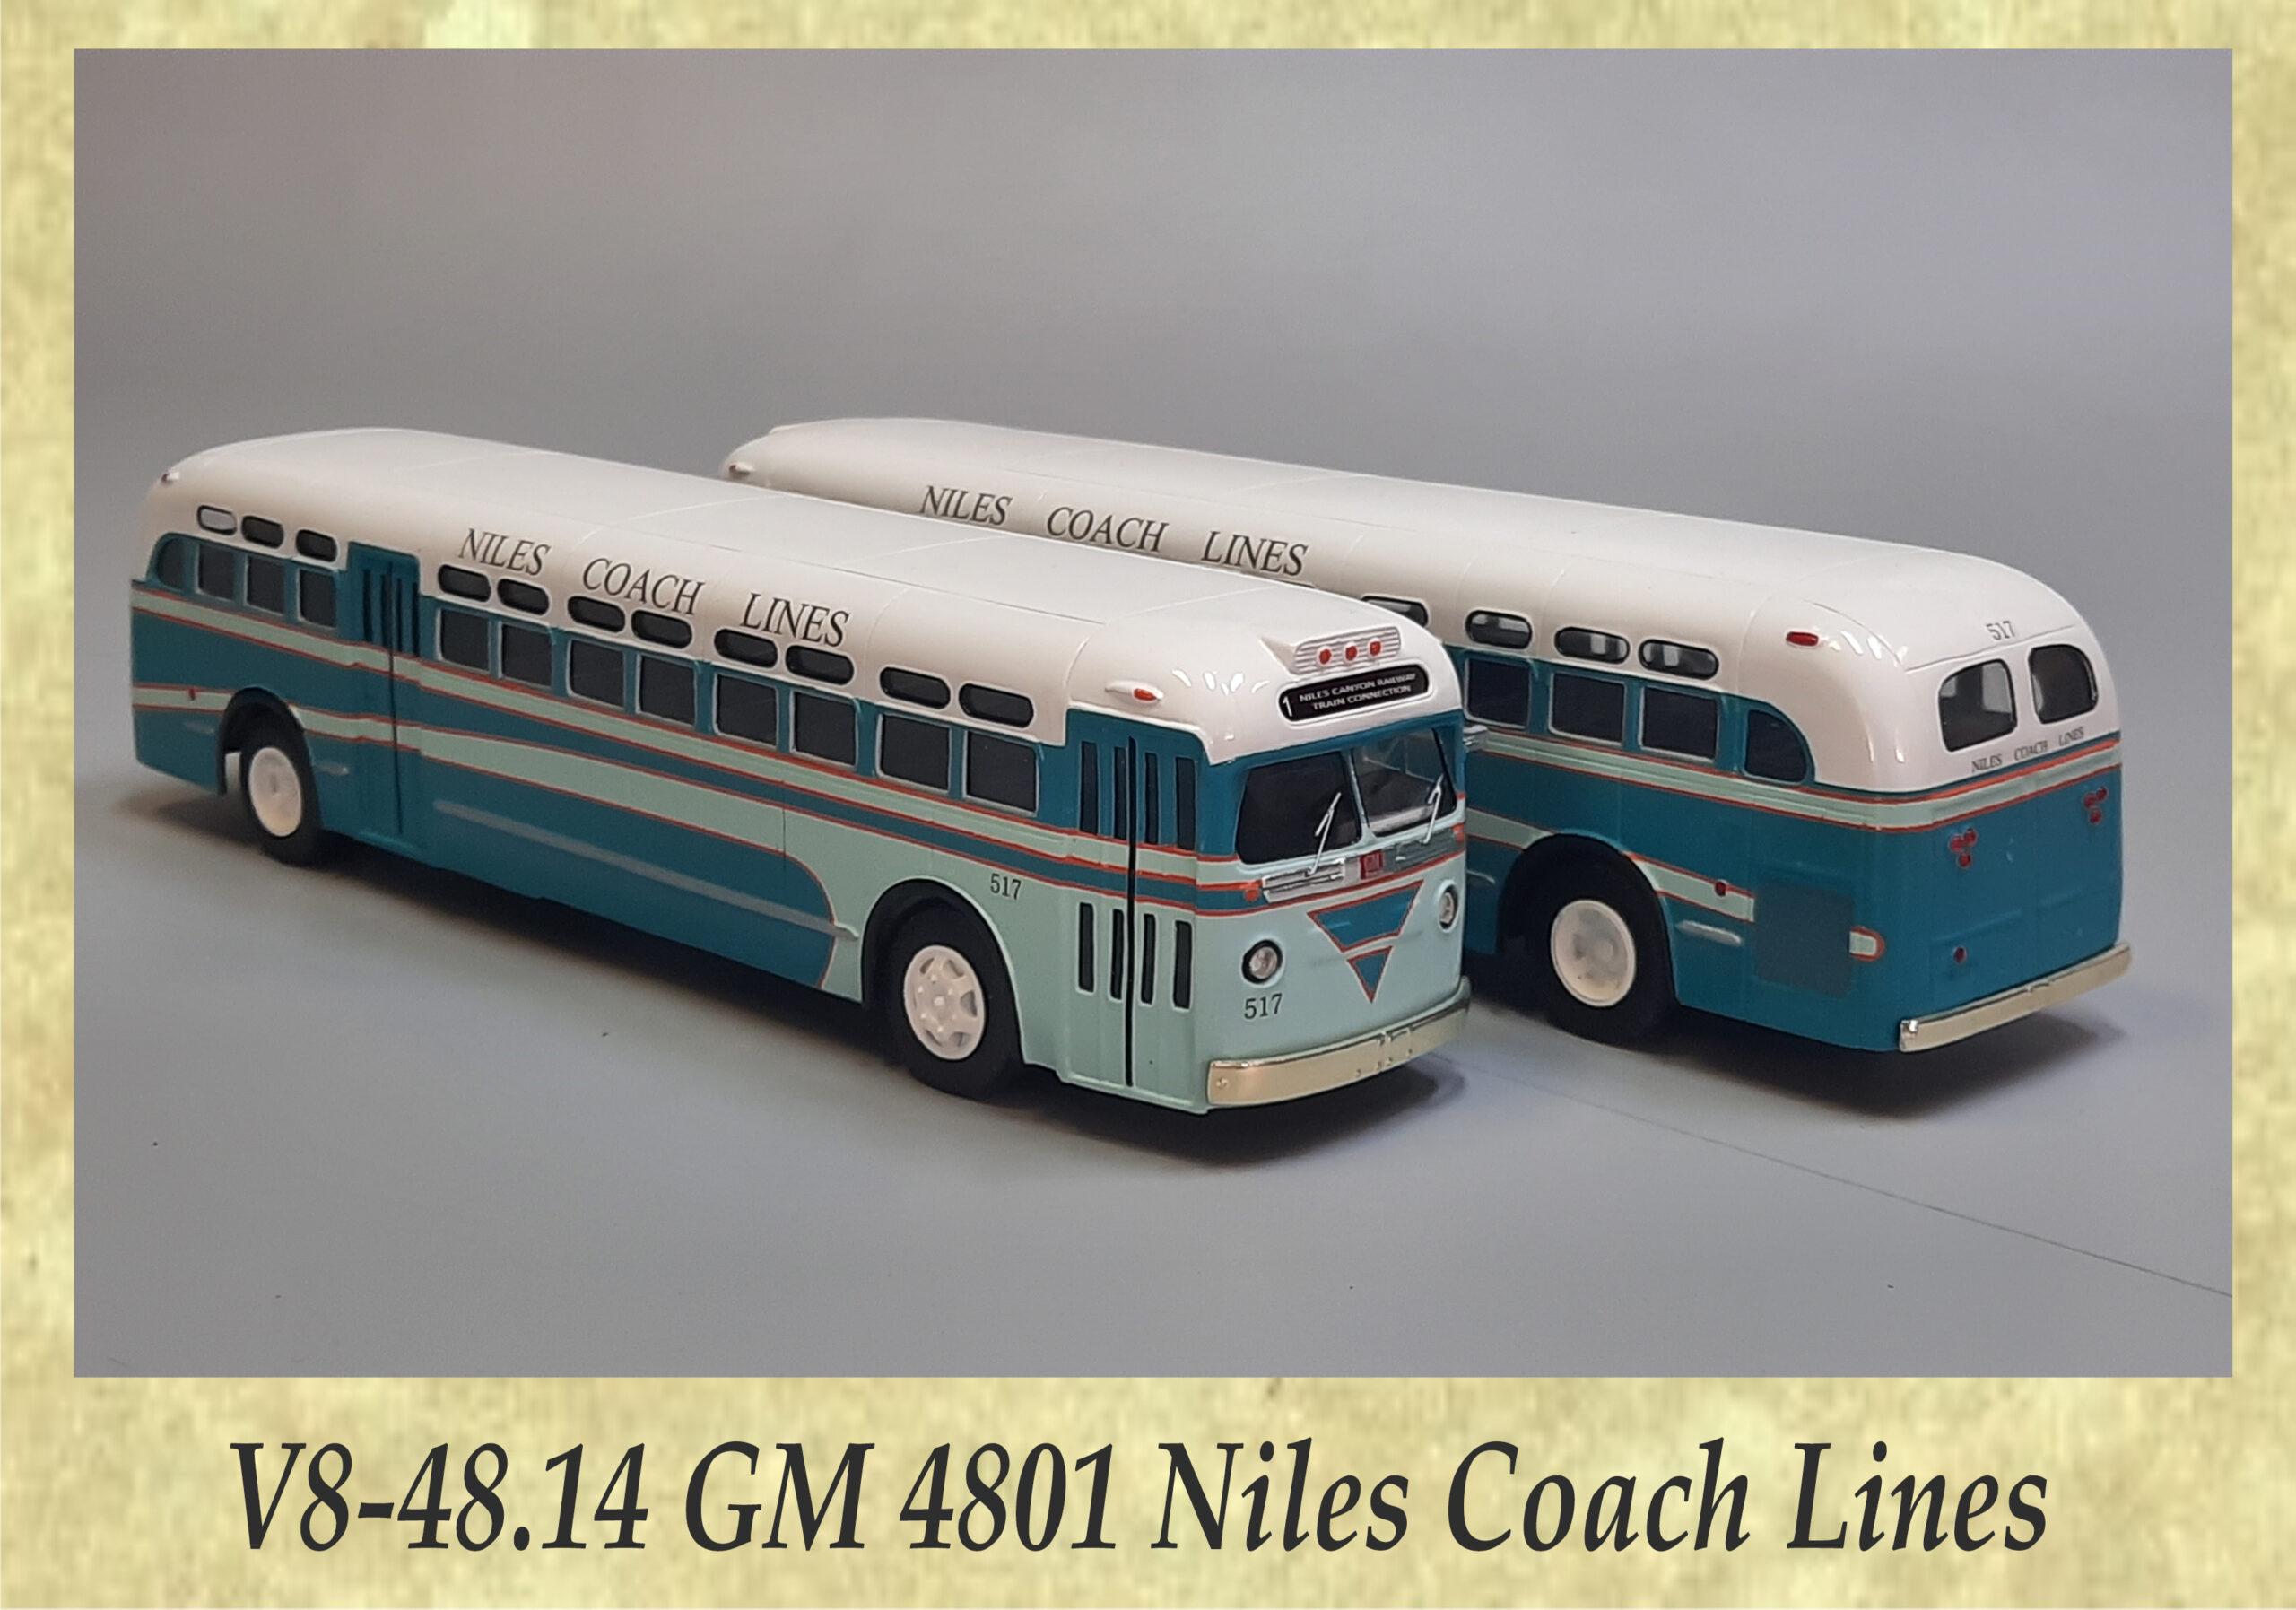 V8-48.14 GM 4801 Niles Coach Lines